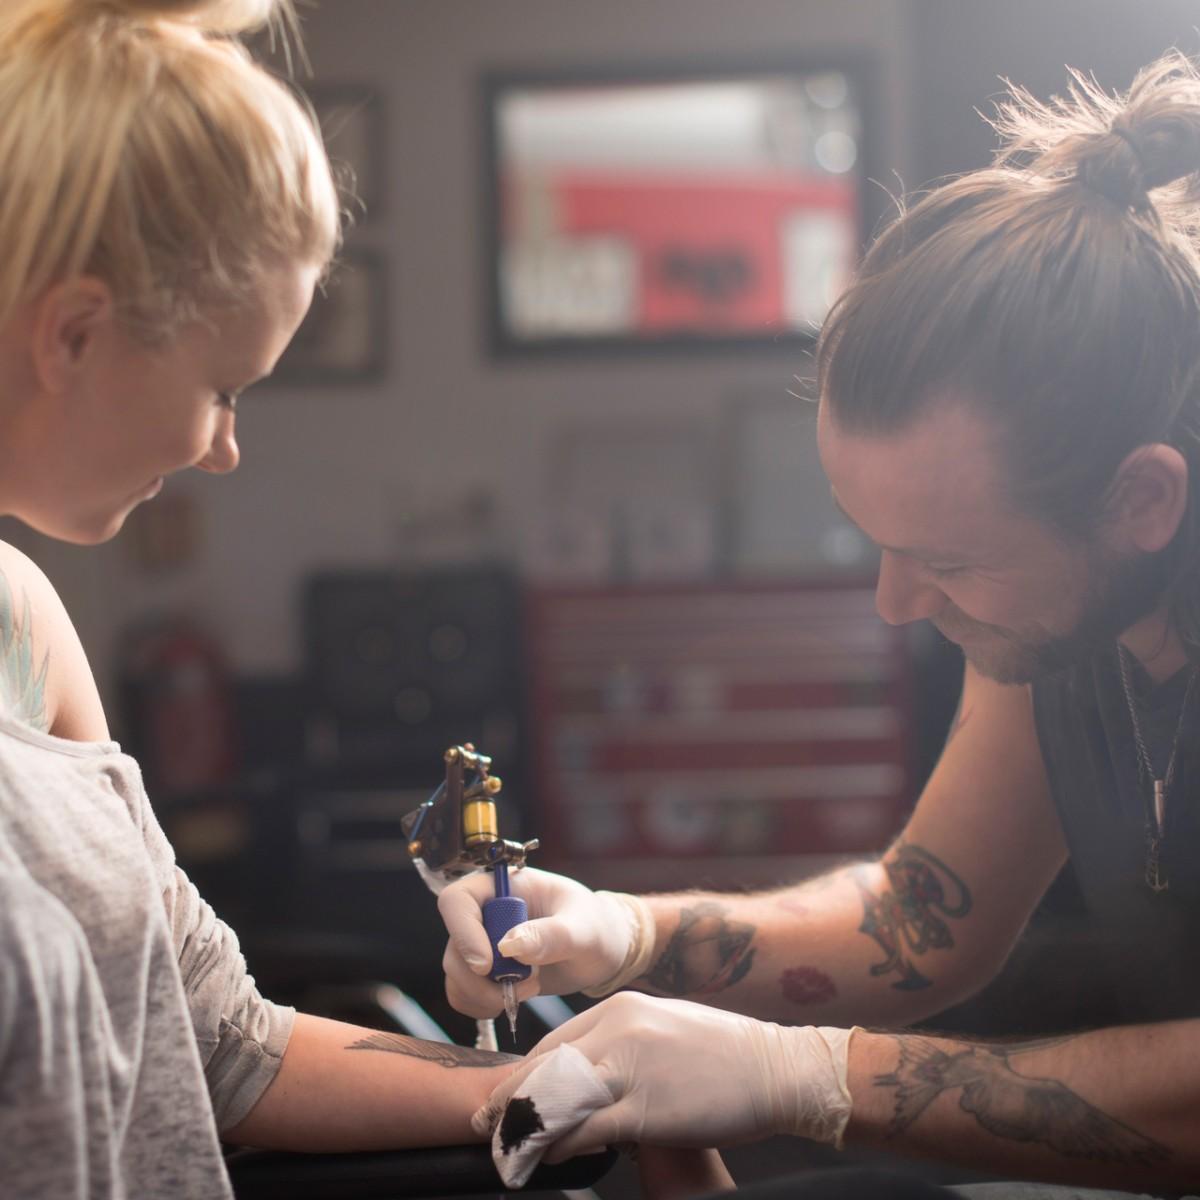 Tattoo frau mit kind 250+ Tattoos